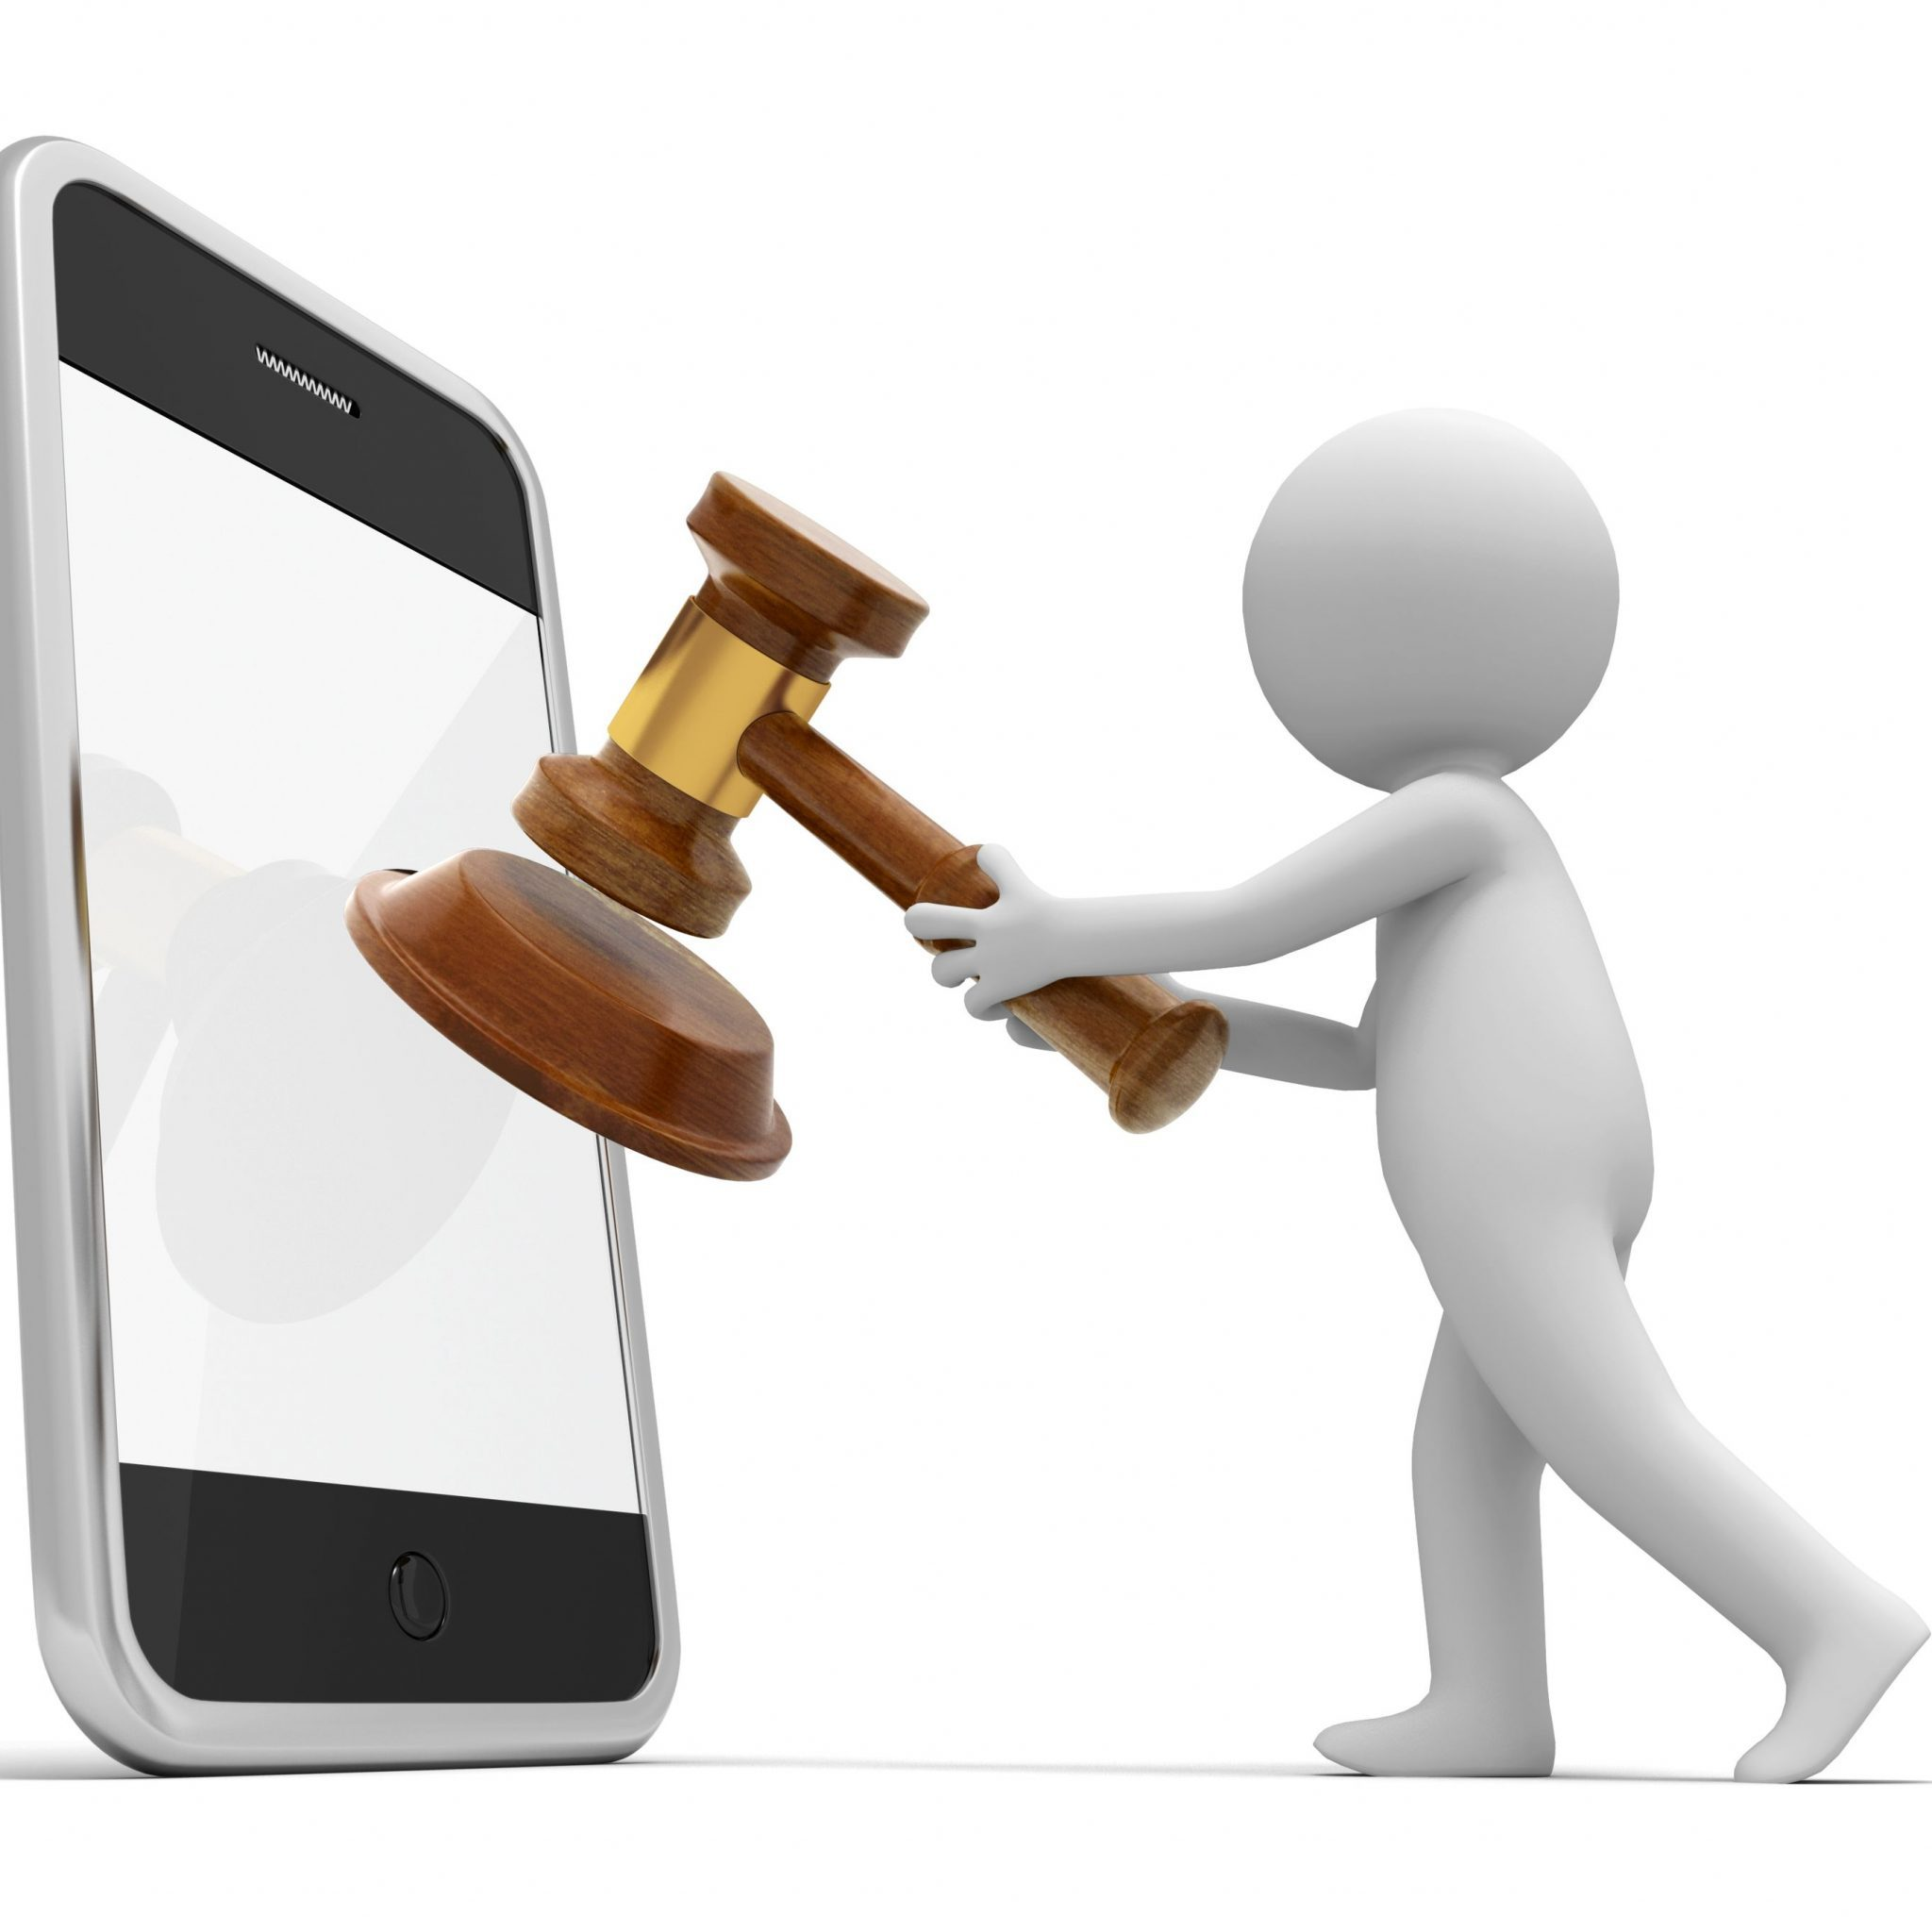 Auction clipart lawsuit. Cfbp targets sprint in